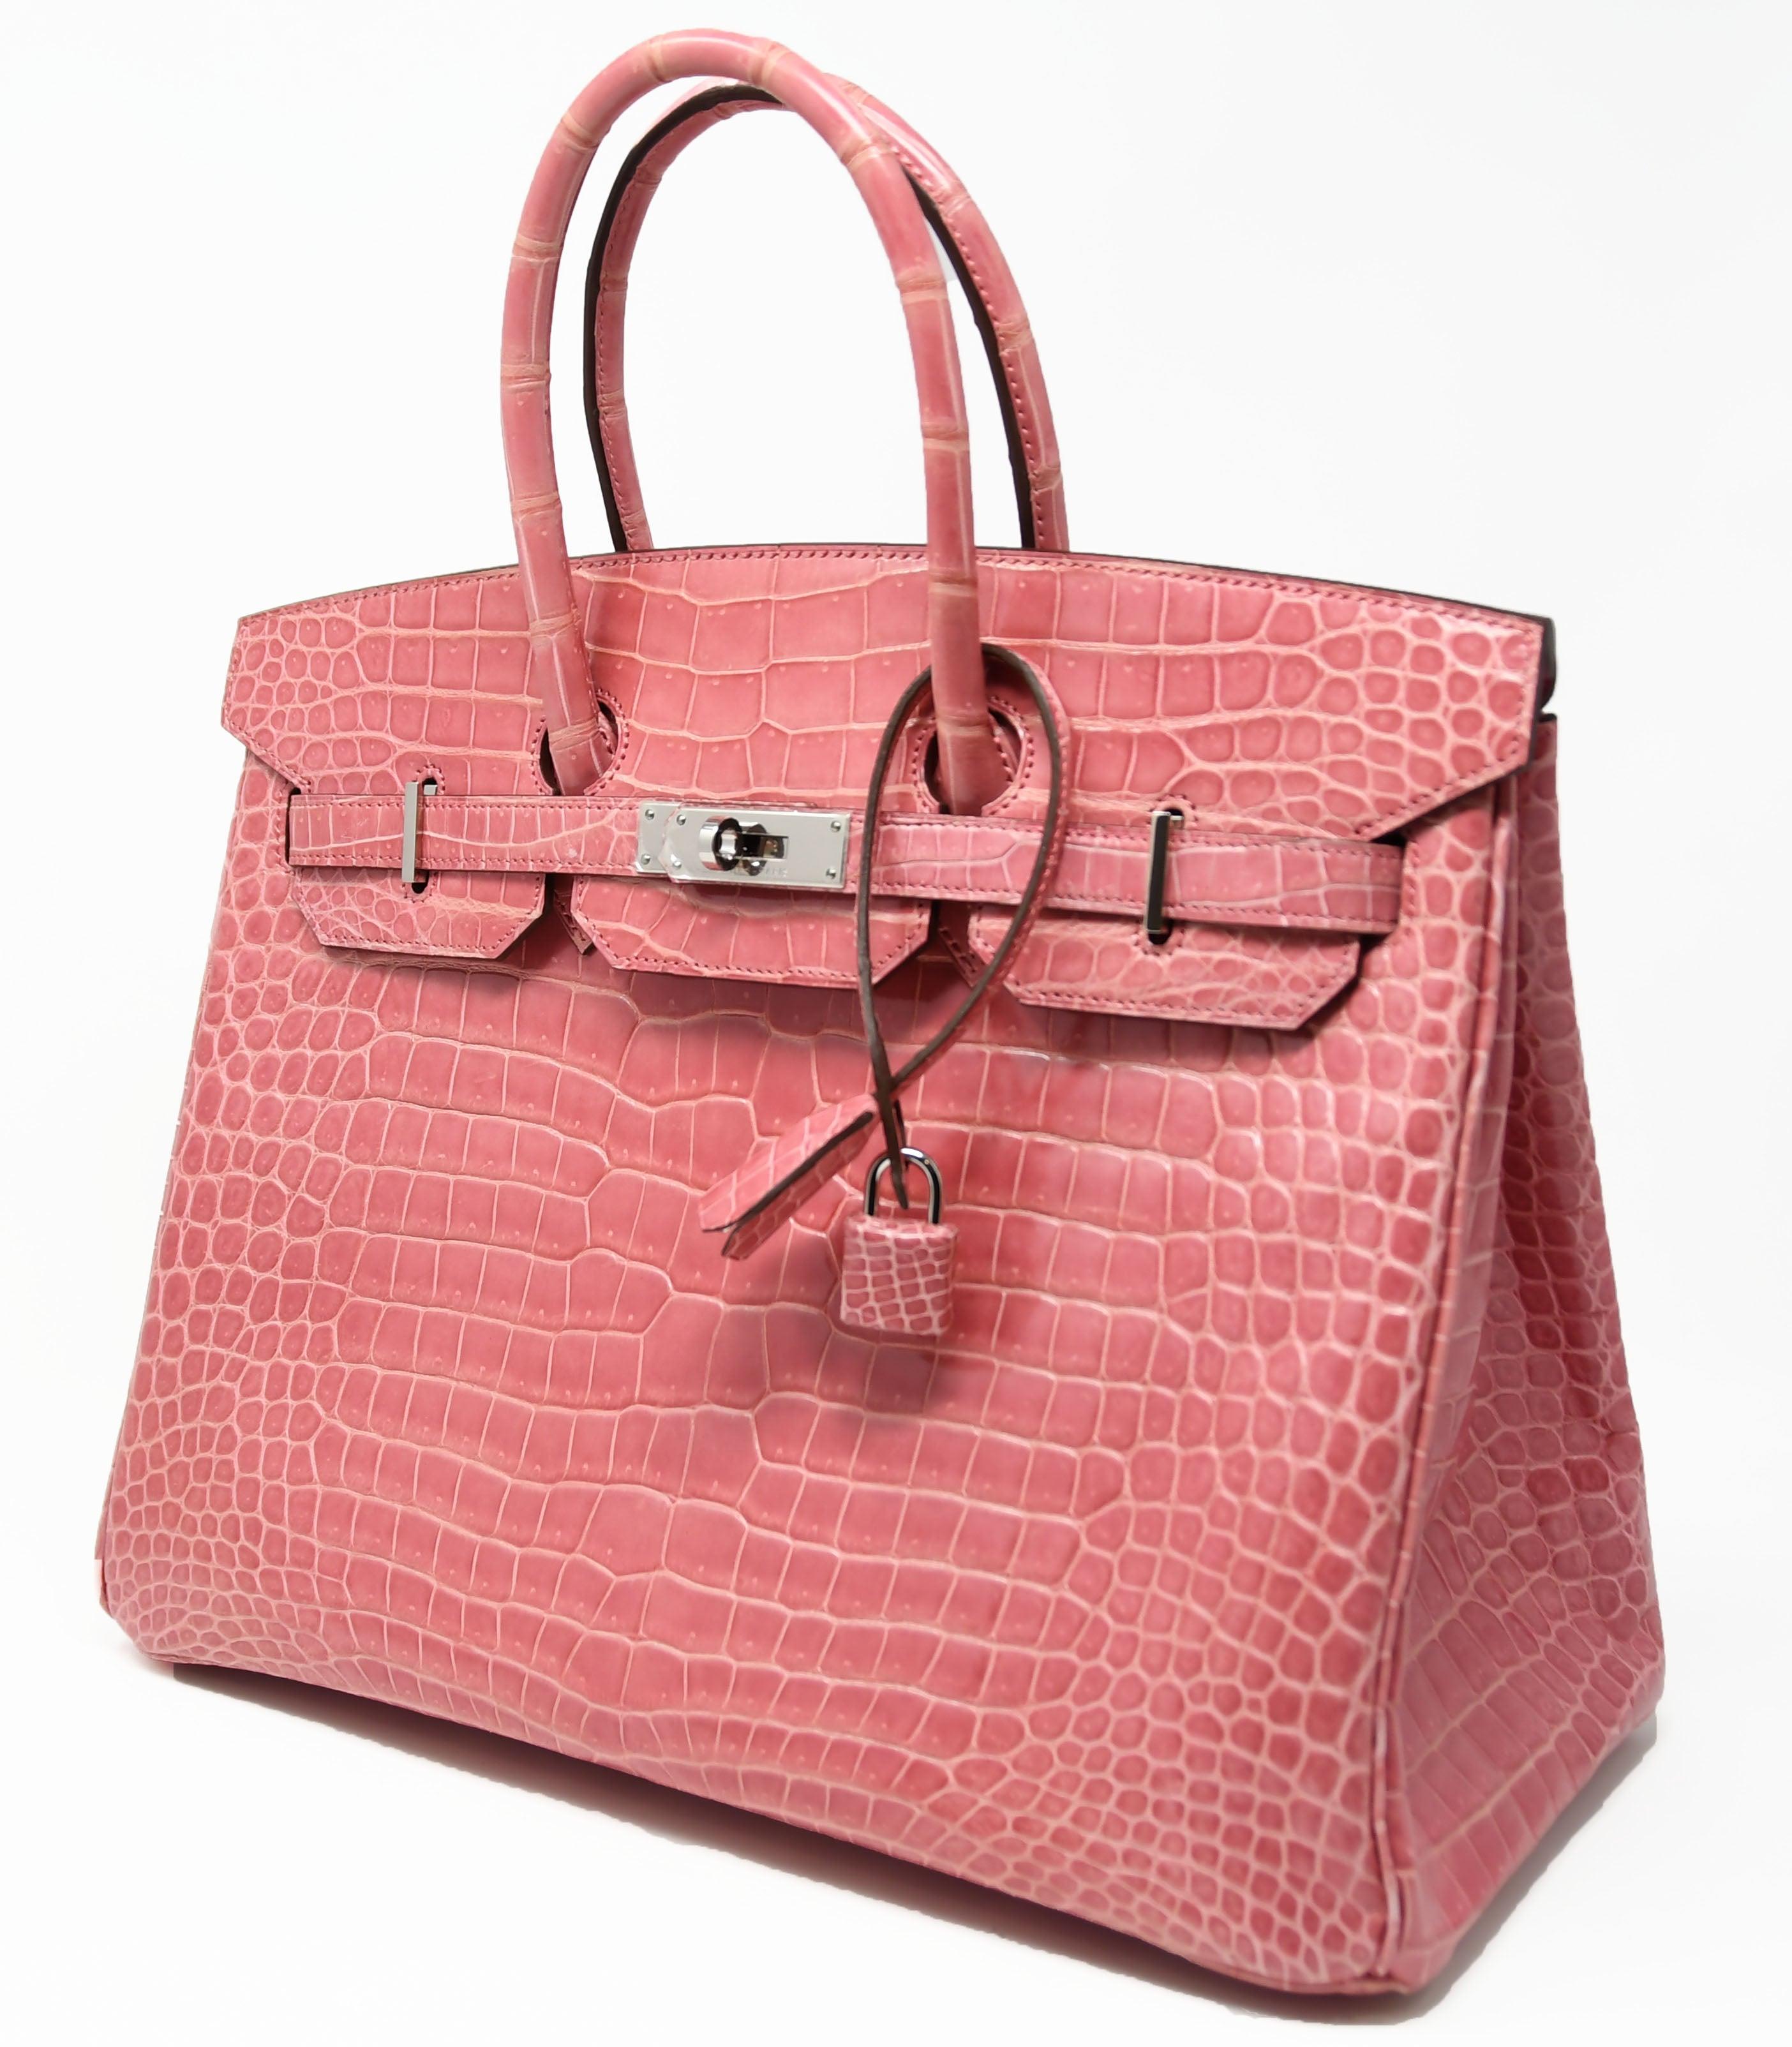 bd7a3cde66e Hermes Birkin Bag 35cm Rose Indienne Alligator with Palladium Hardware For  Sale at 1stdibs